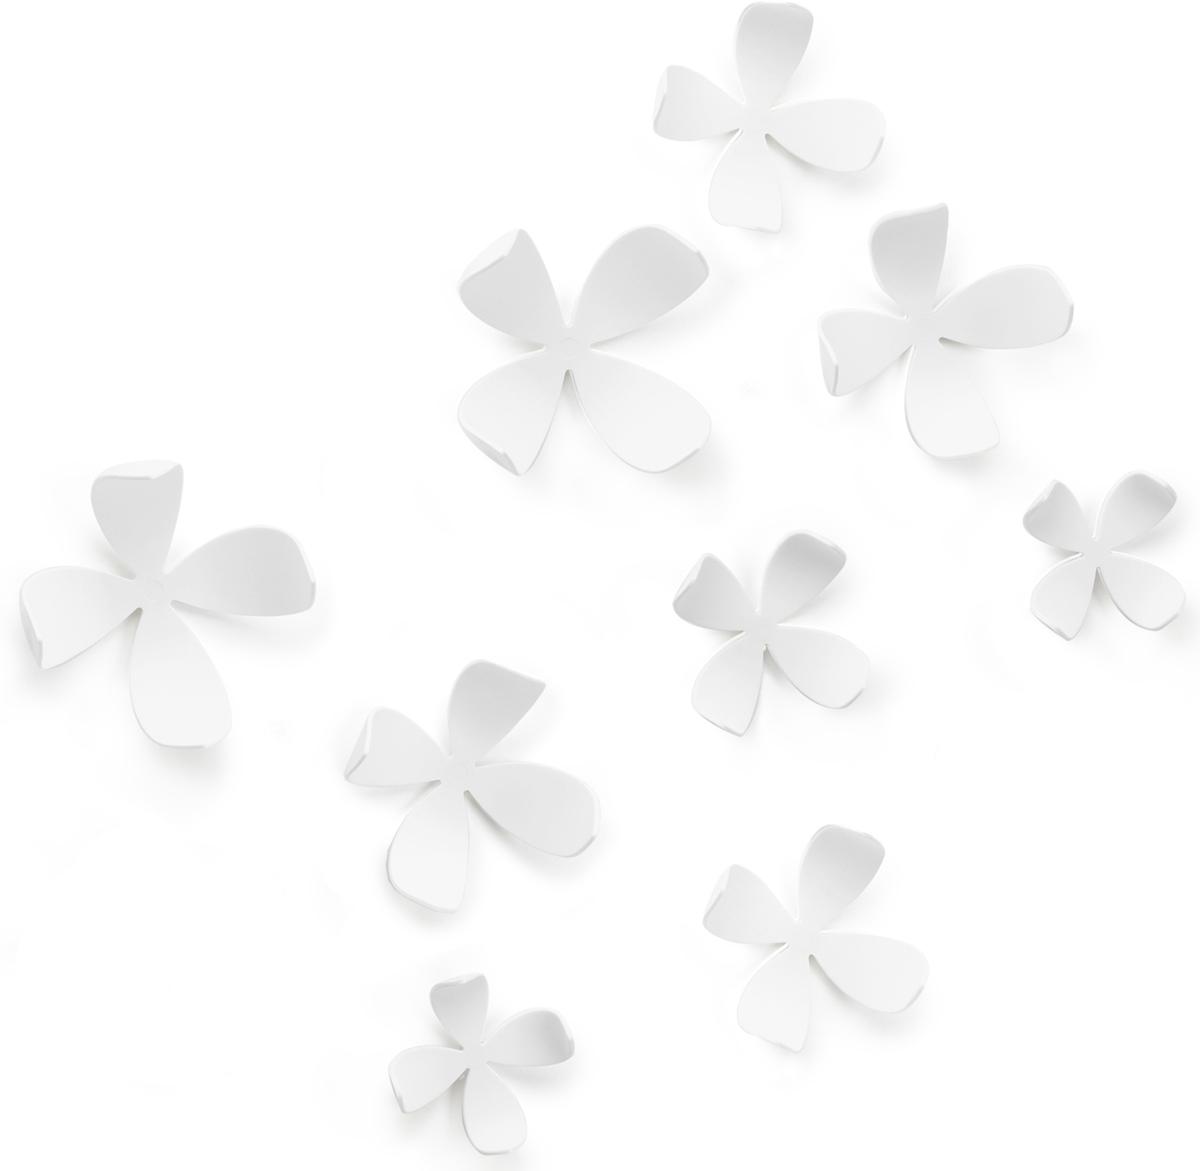 Декор для стен Umbra Wallflower, цвет: белый, 10 элементов декор для стен wallflower 9 шт umbra